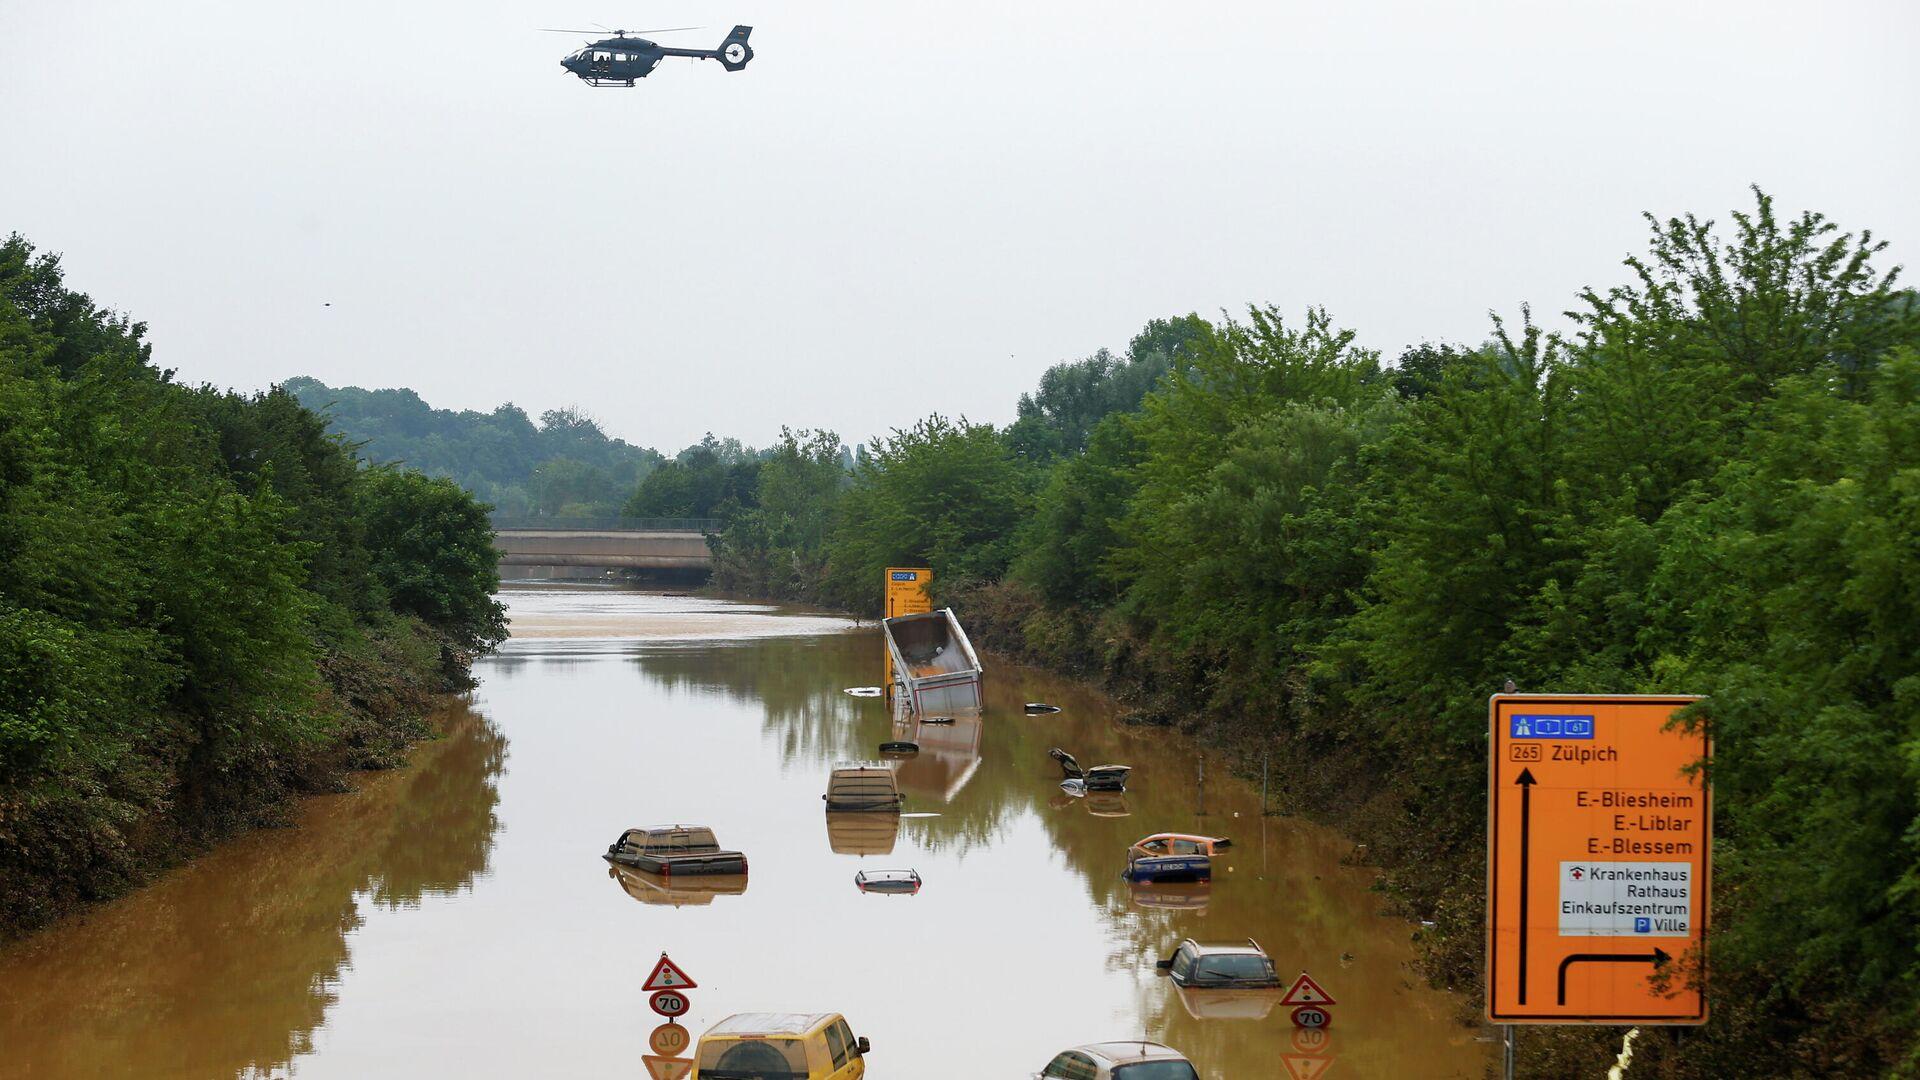 Последствия наводнения в городе Эрфтштадт-Блессем, Германия - РИА Новости, 1920, 18.07.2021